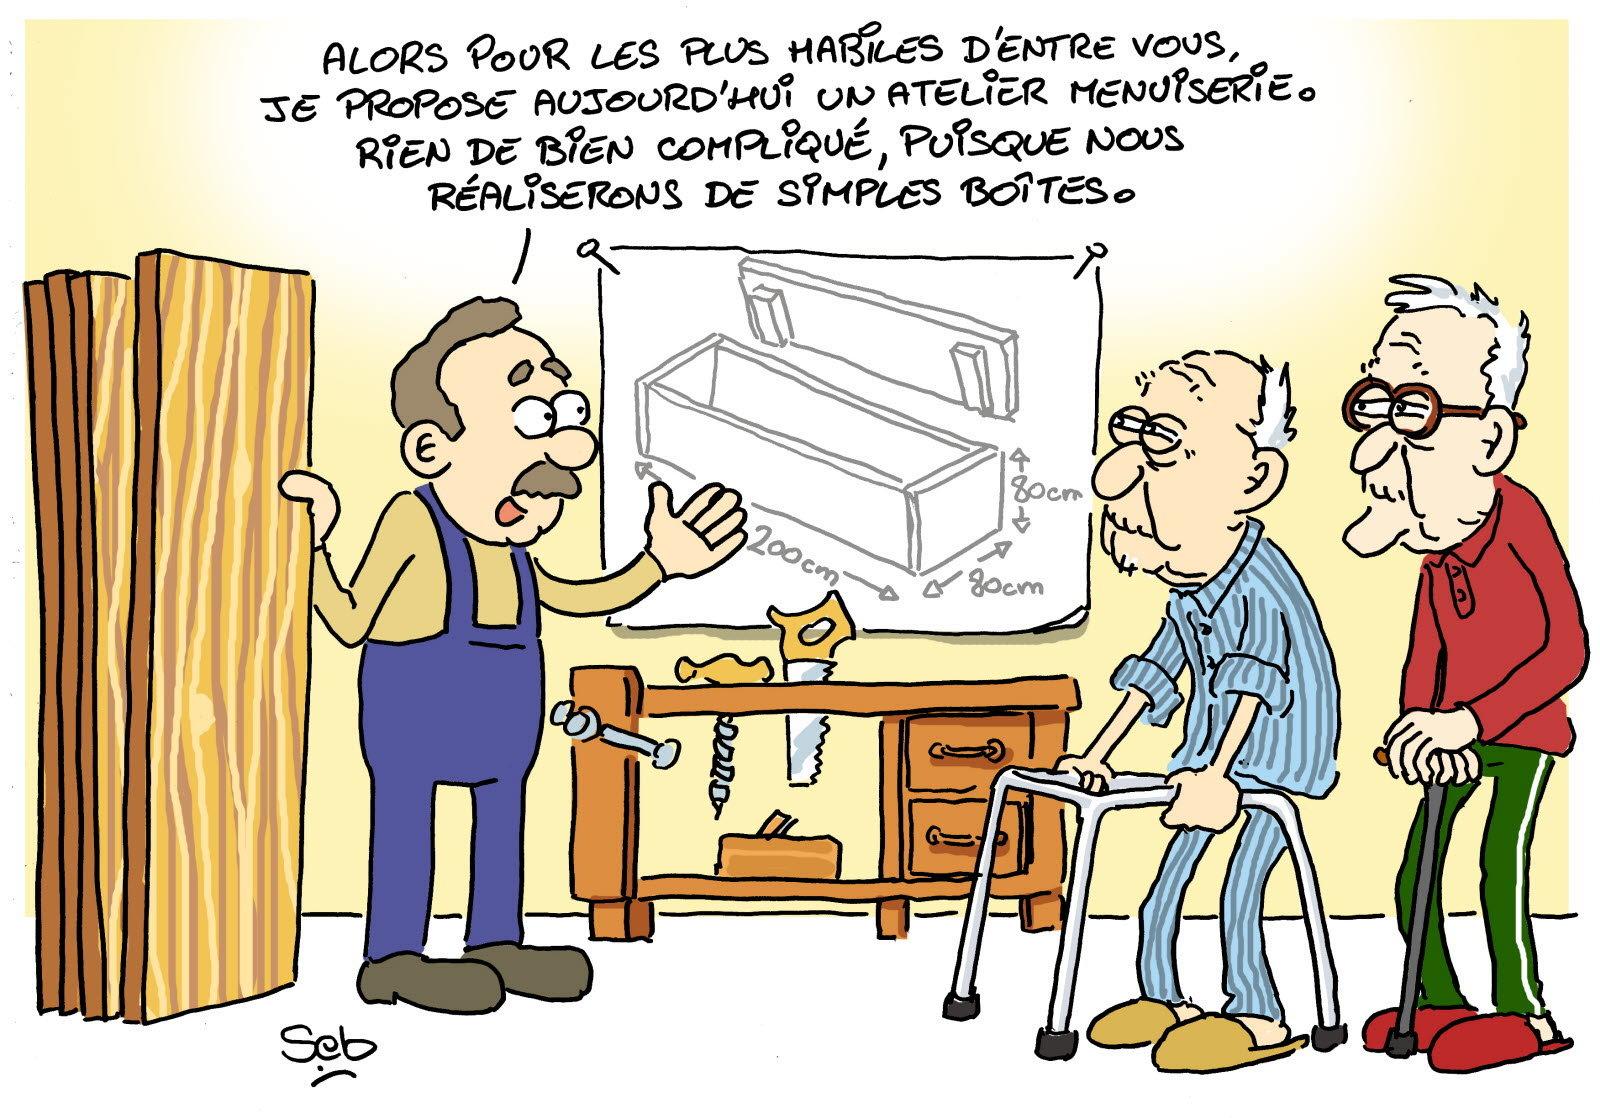 dessin-jsl-sebastien-lacombre-1587055164